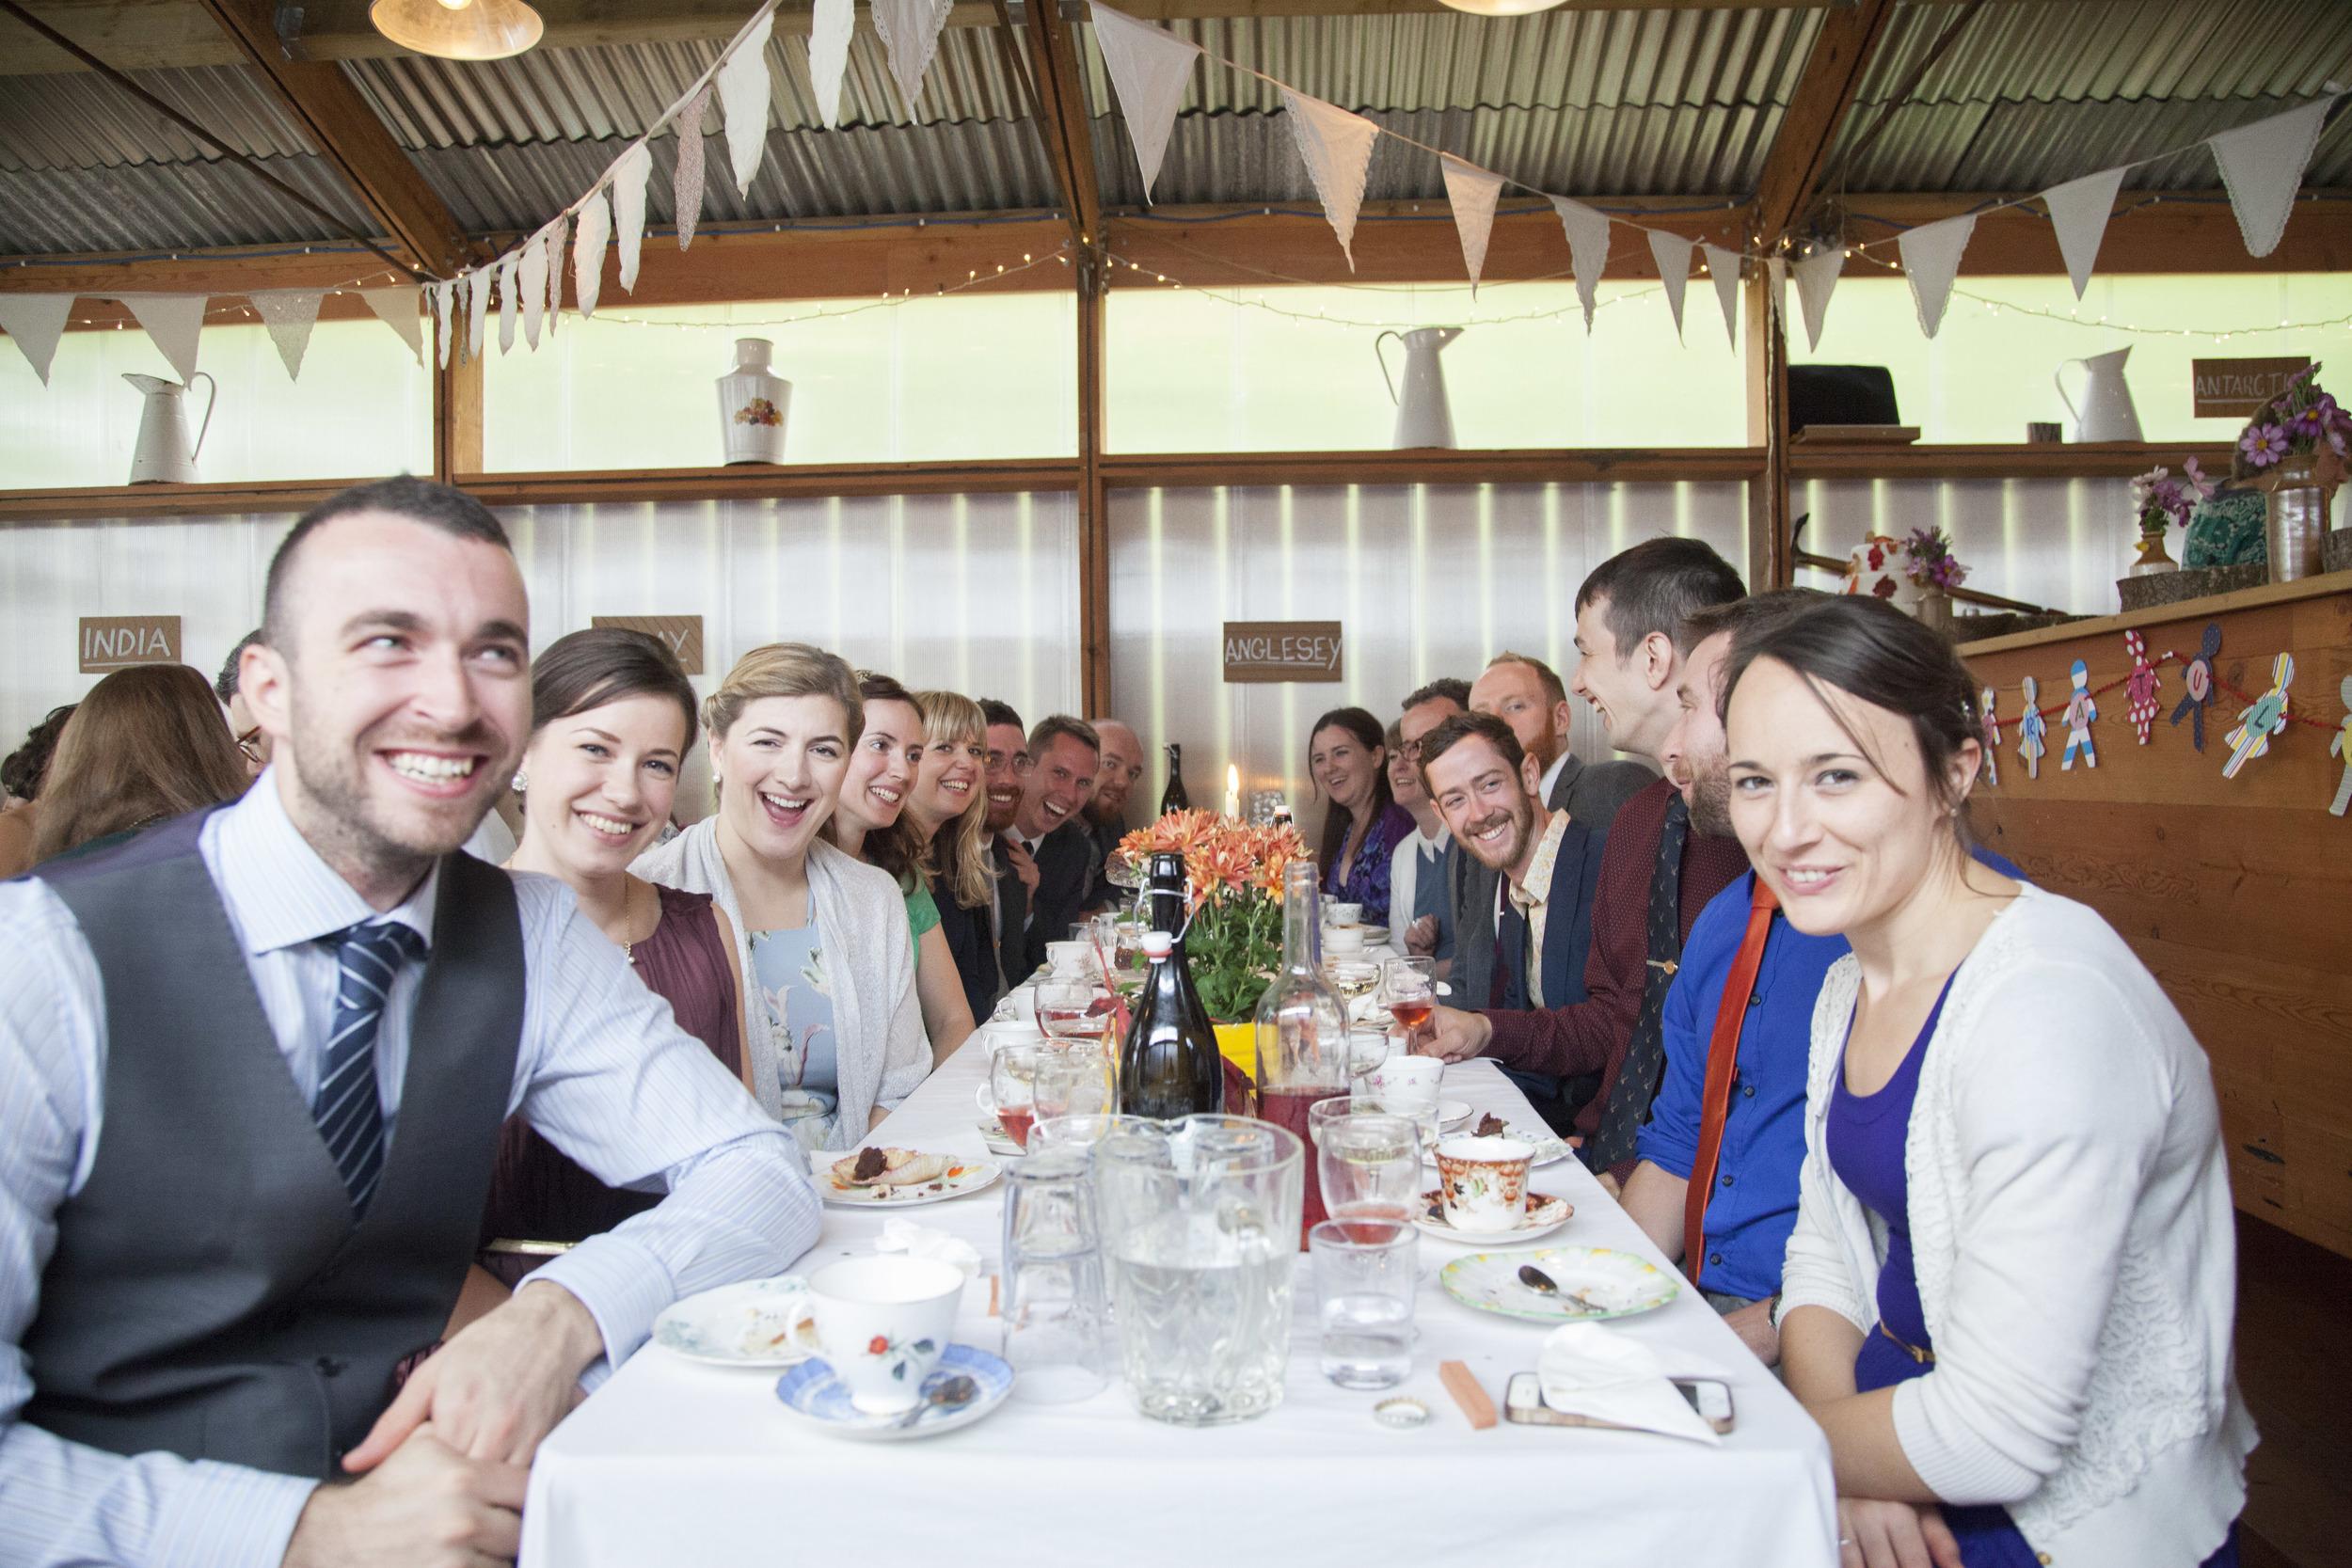 Wendy-Alexx-Fforest-Wedding-_234.jpg